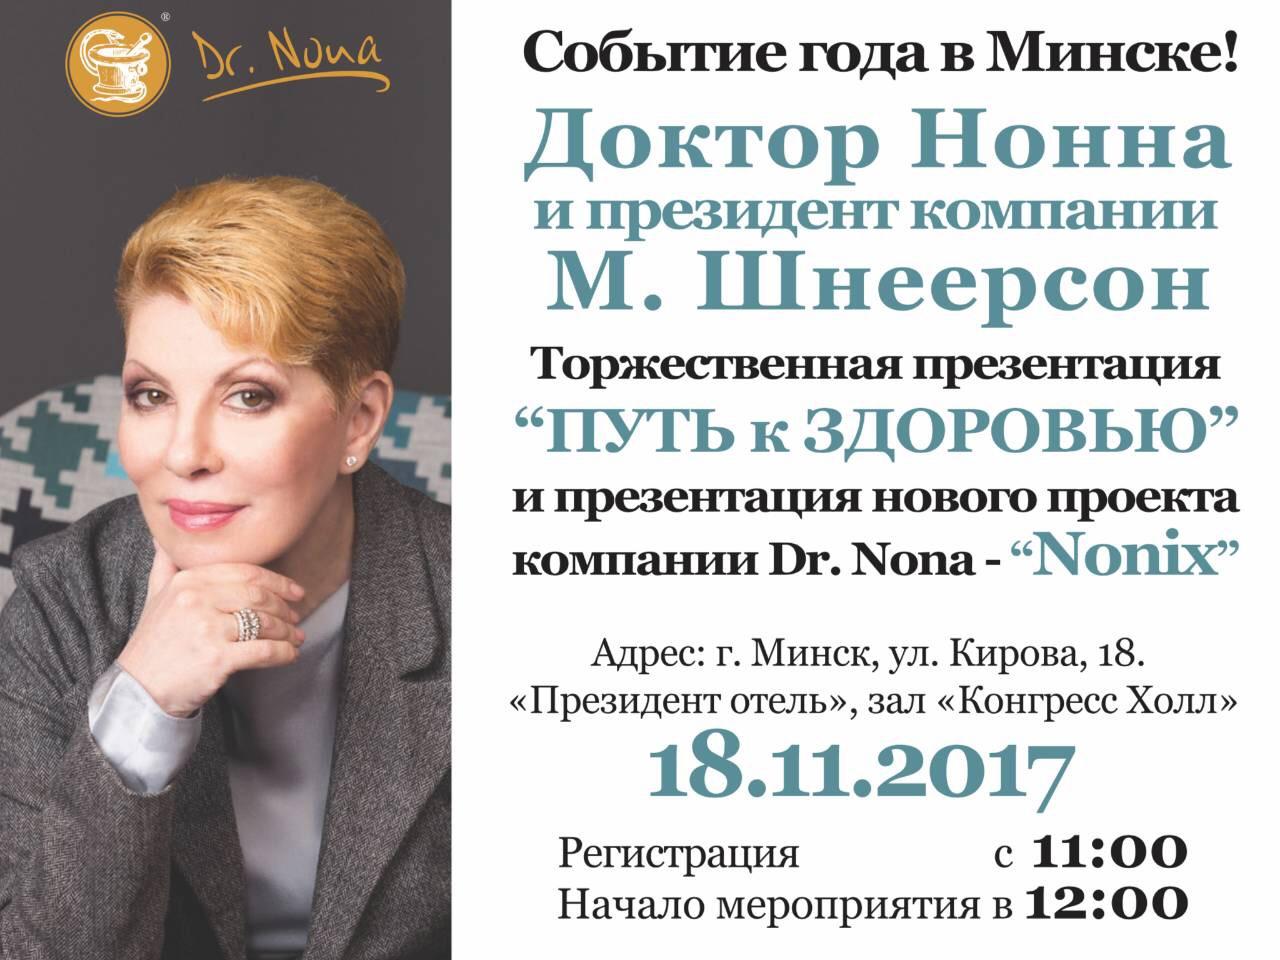 Презентация с участием Доктор Нонны в Минске 18.11.2017